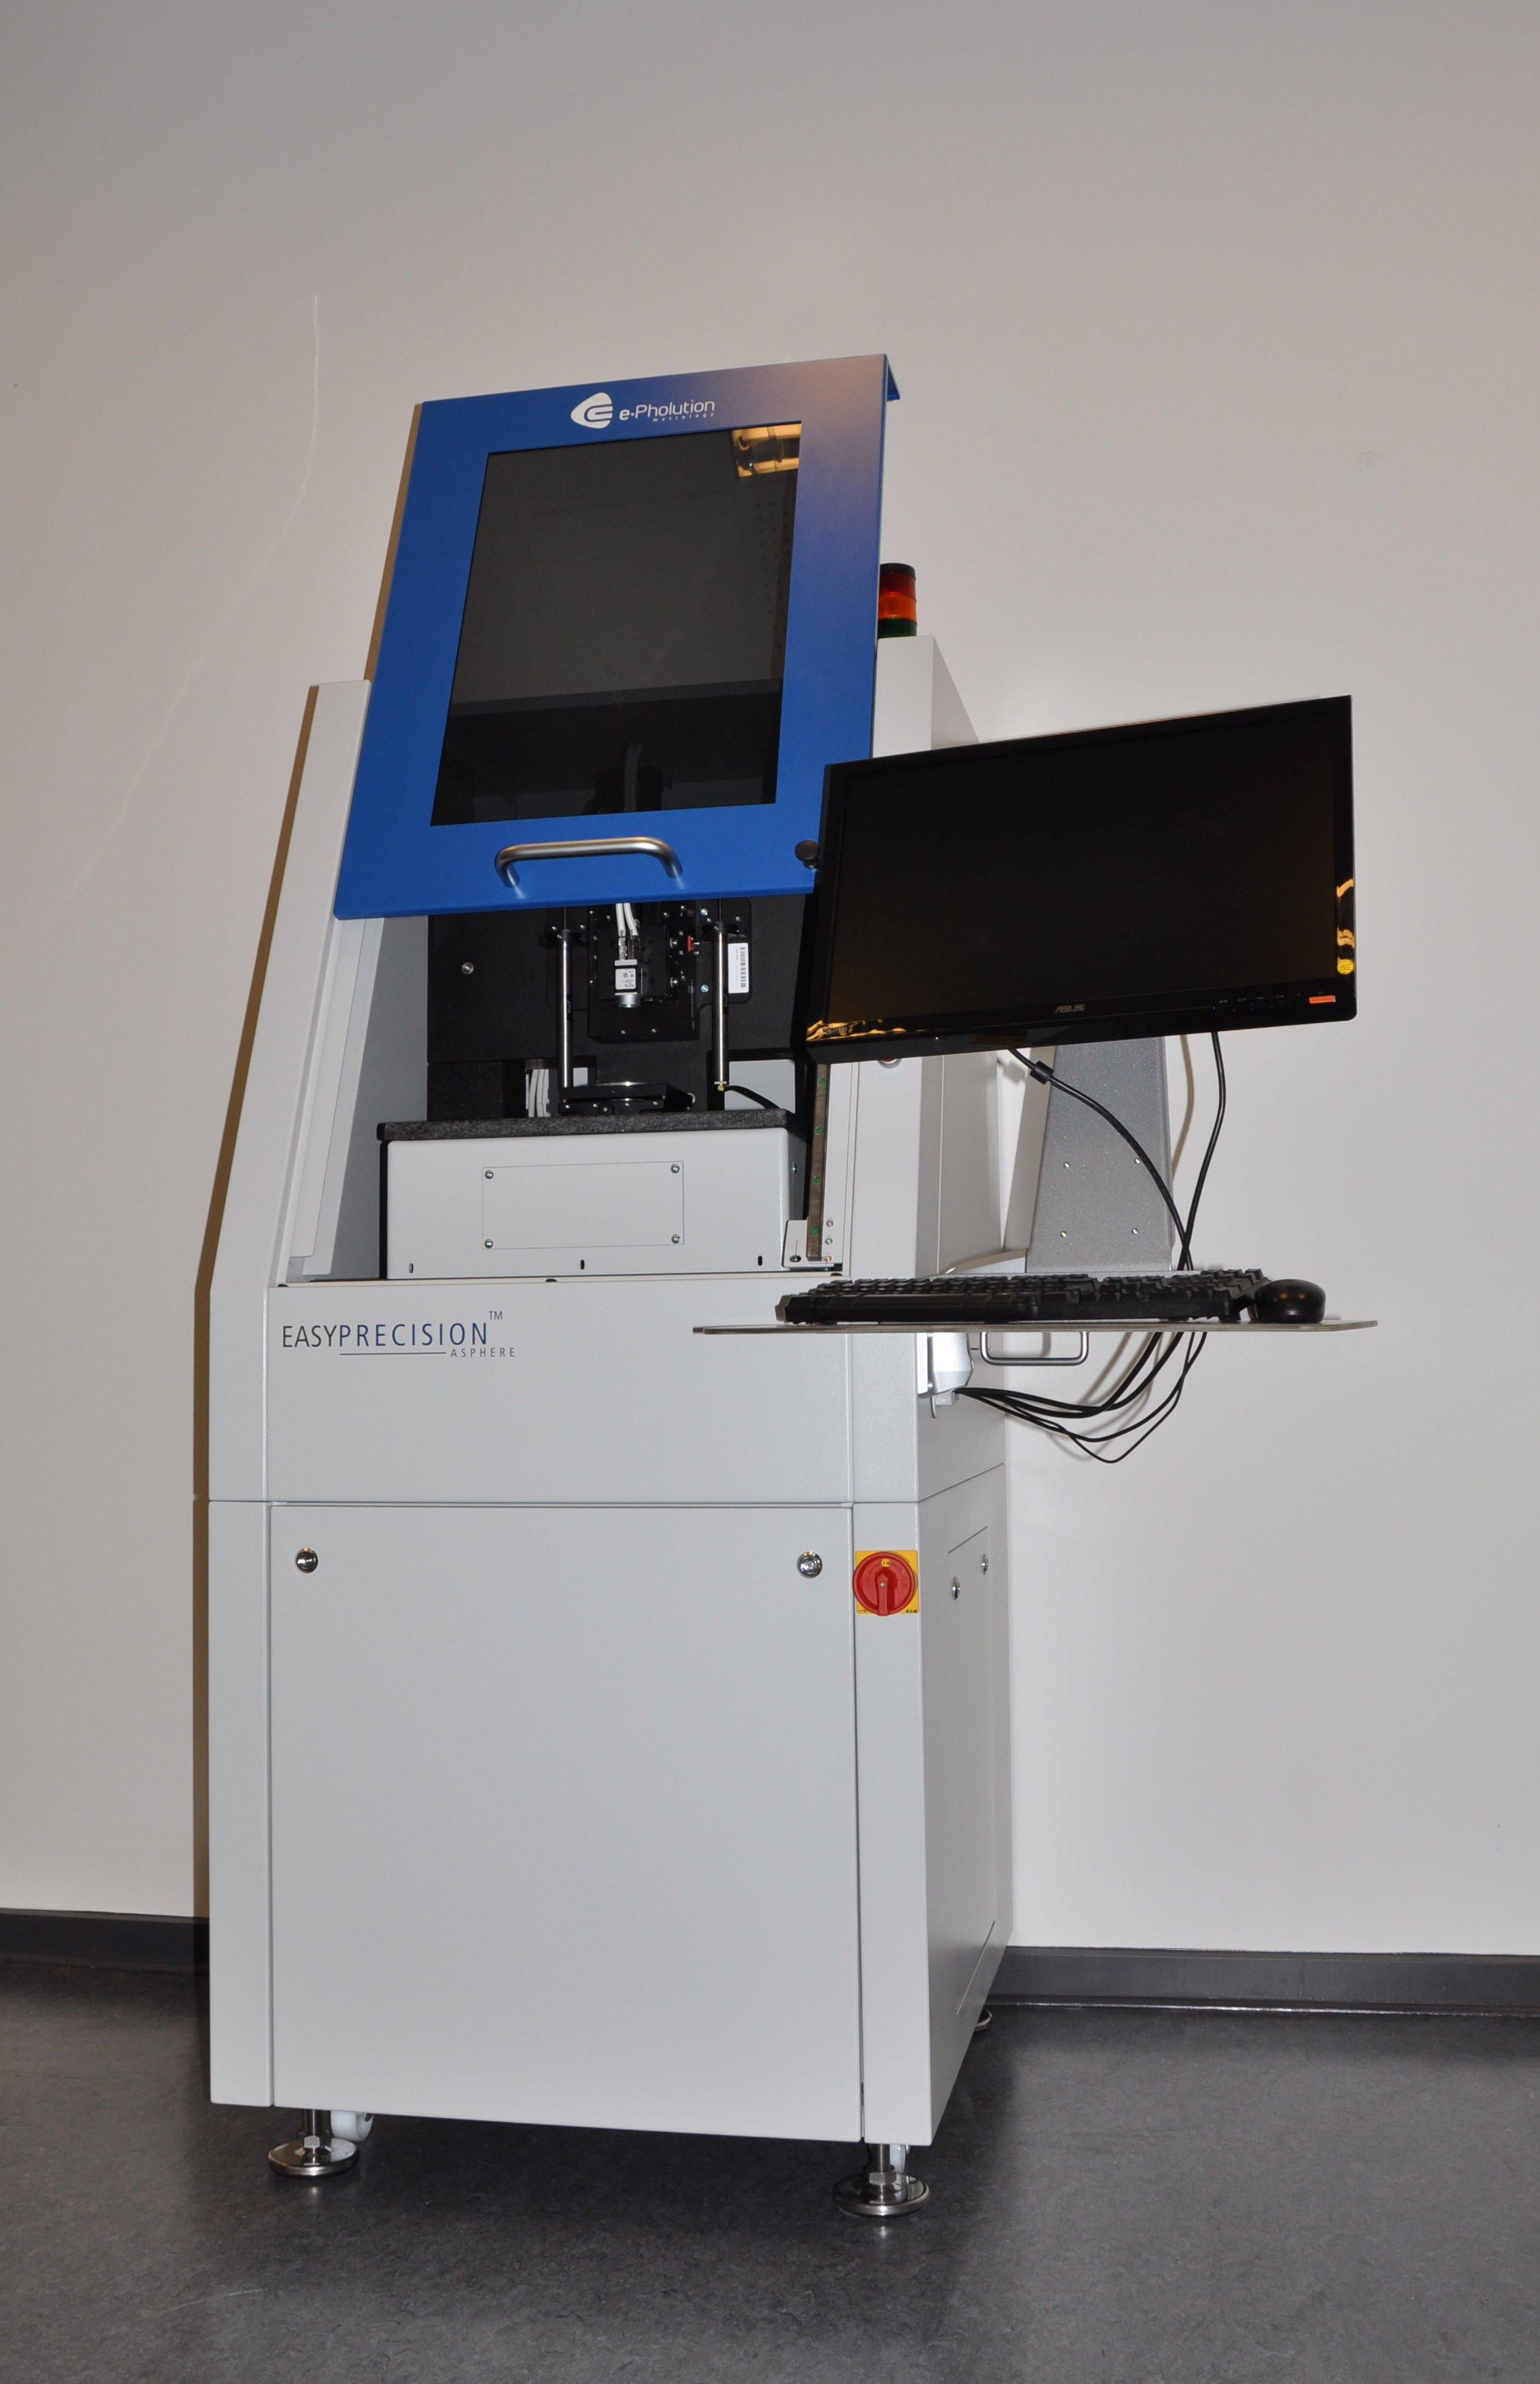 EasyPrecision arbeitet auf einige Millionstel Millimeter genau.